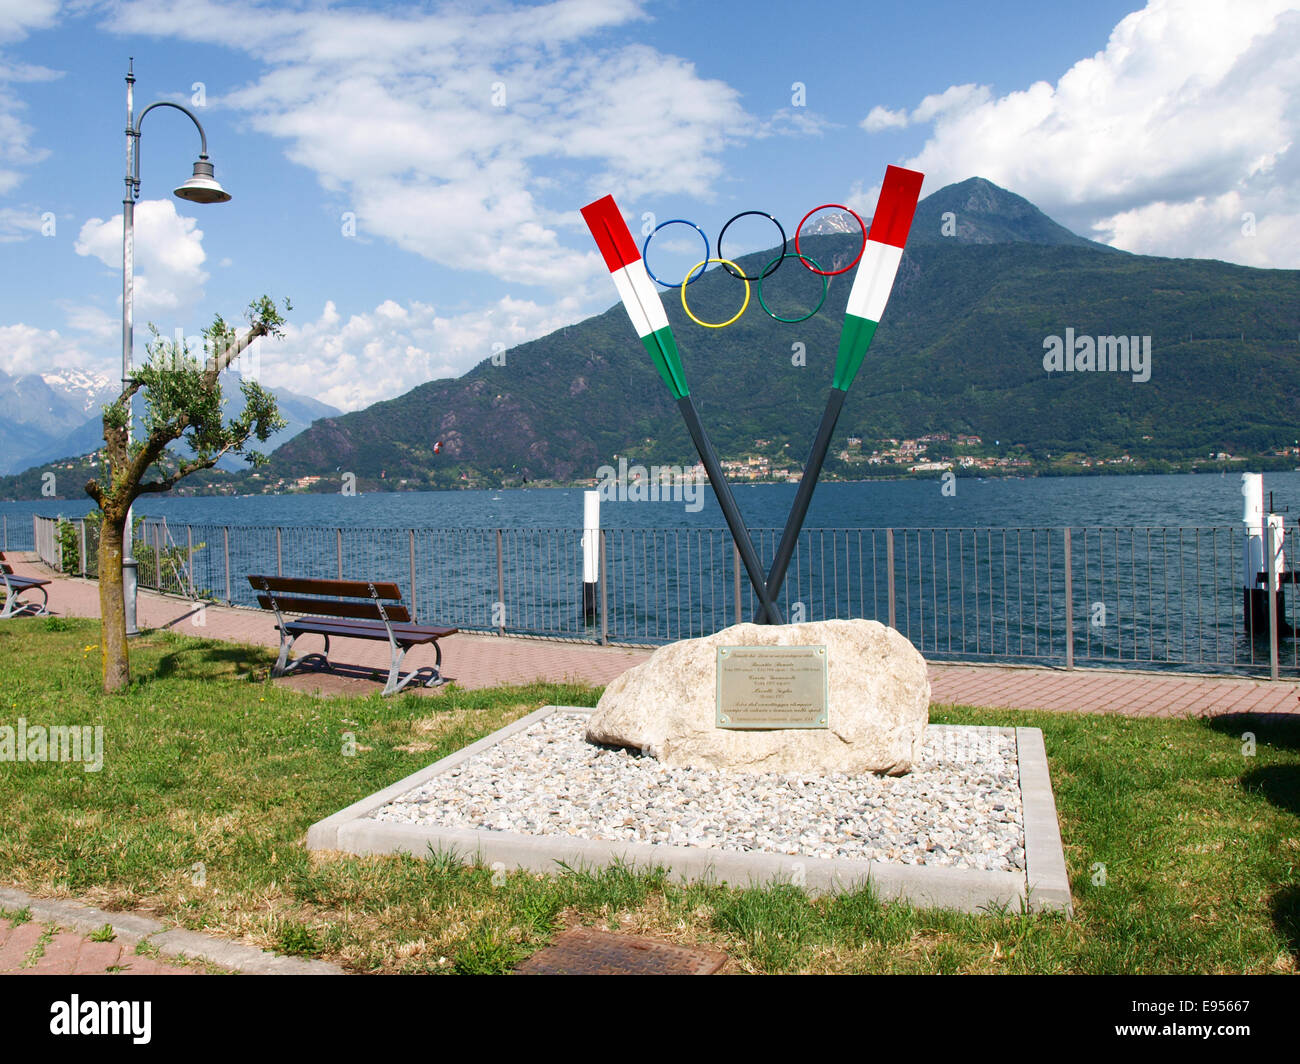 Pianello del Lario, Como, Italy - June 19, 2014: Memorial to Rosatta Renato, Giancarlo Crosta, Moralli Giglio, AthletesStock Photo